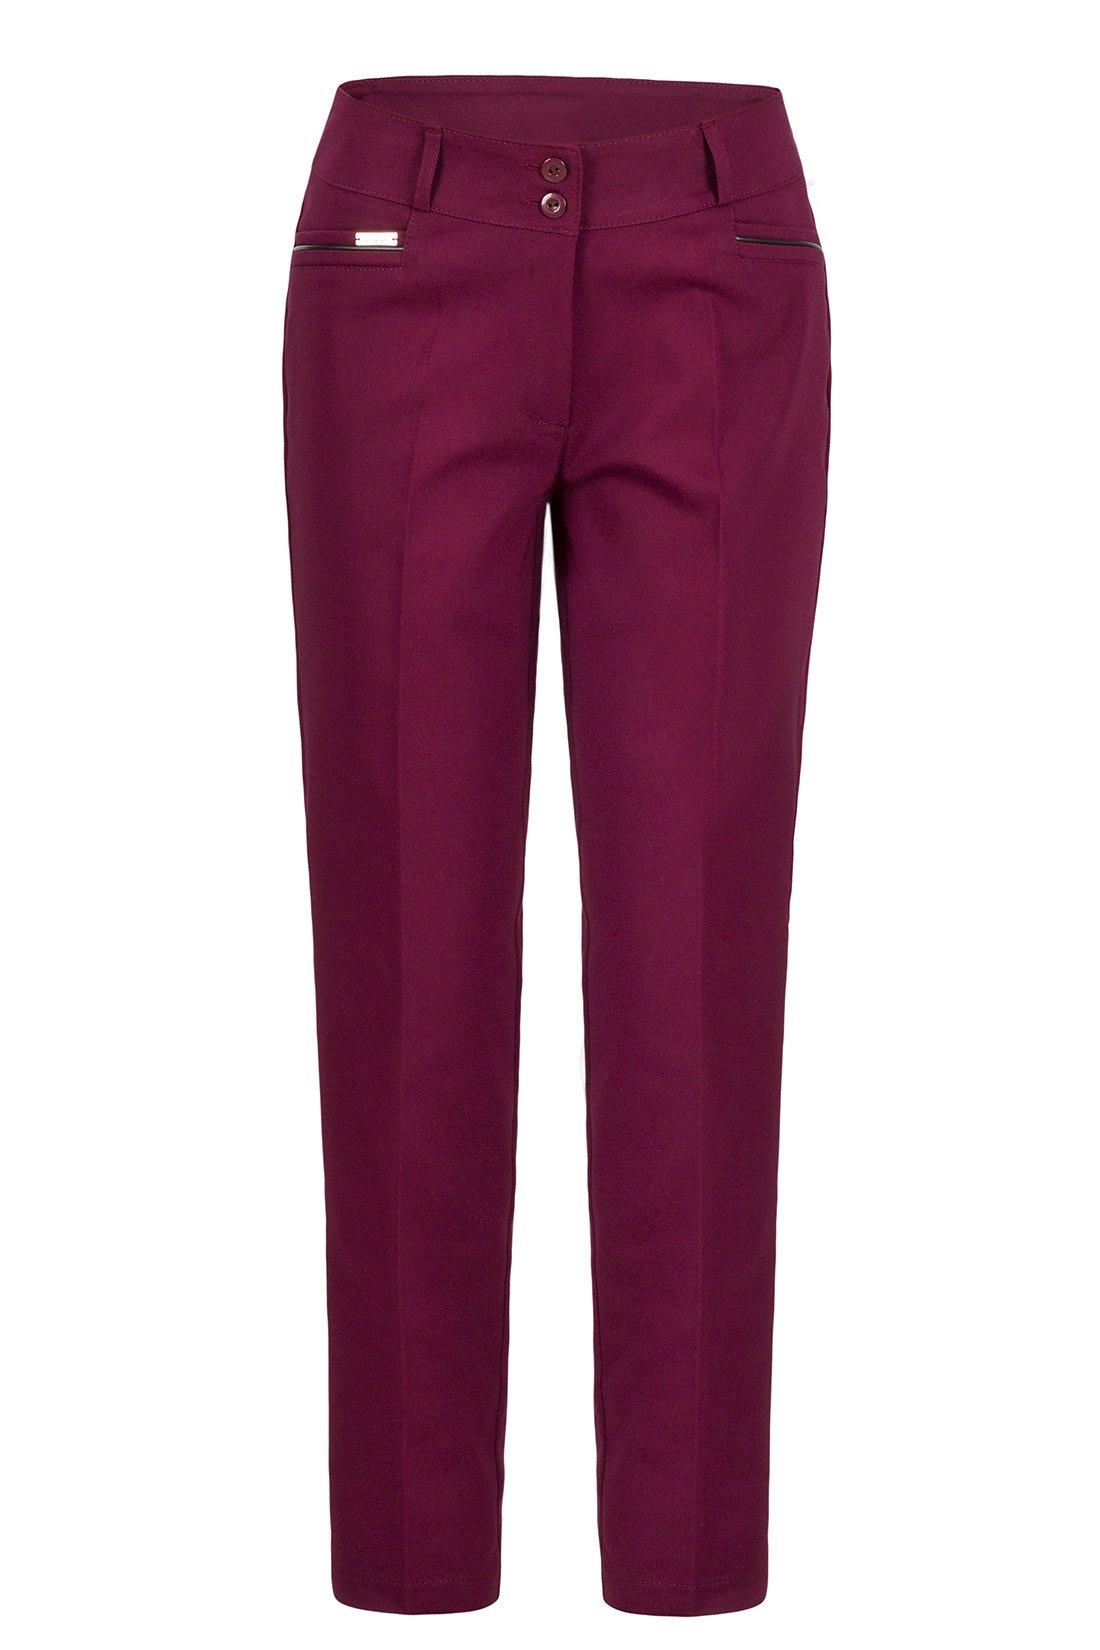 24a4336f2acd9 Spodnie damskie 7/8 model 624 bordowe wysokie w stanie   sklep ...